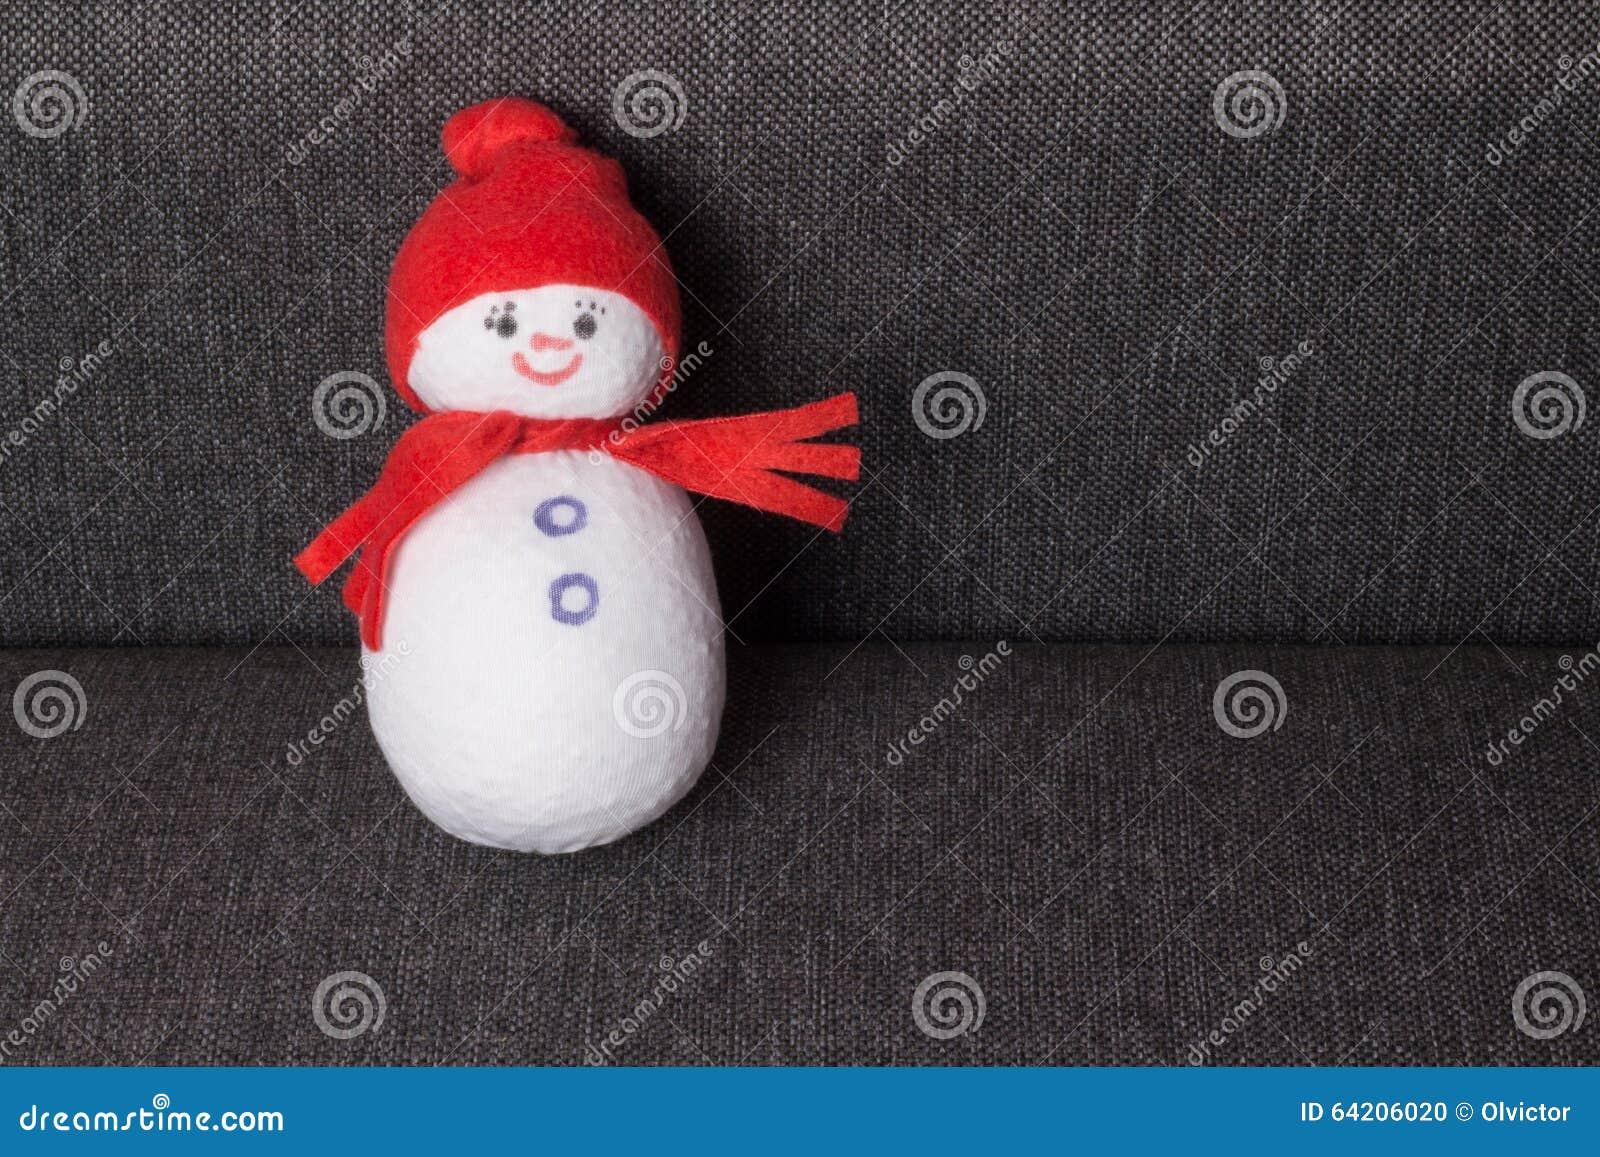 Muñeco de nieve juguete suave